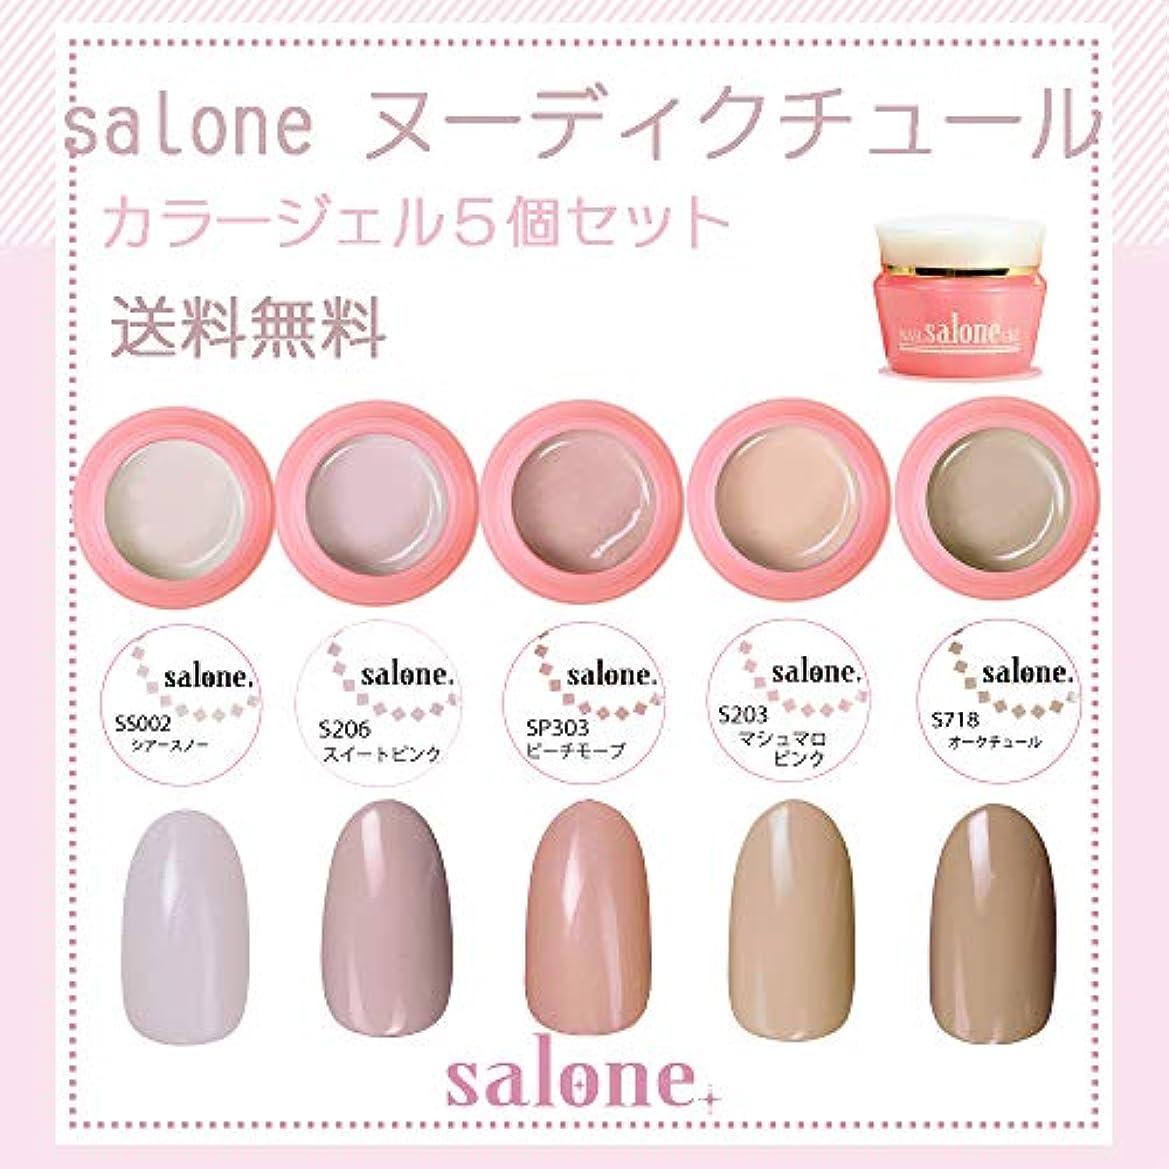 ジュース過半数次【送料無料 日本製】Salone ヌーディクチュール カラージェル5個セット 上品で肌なじみの良いカラー